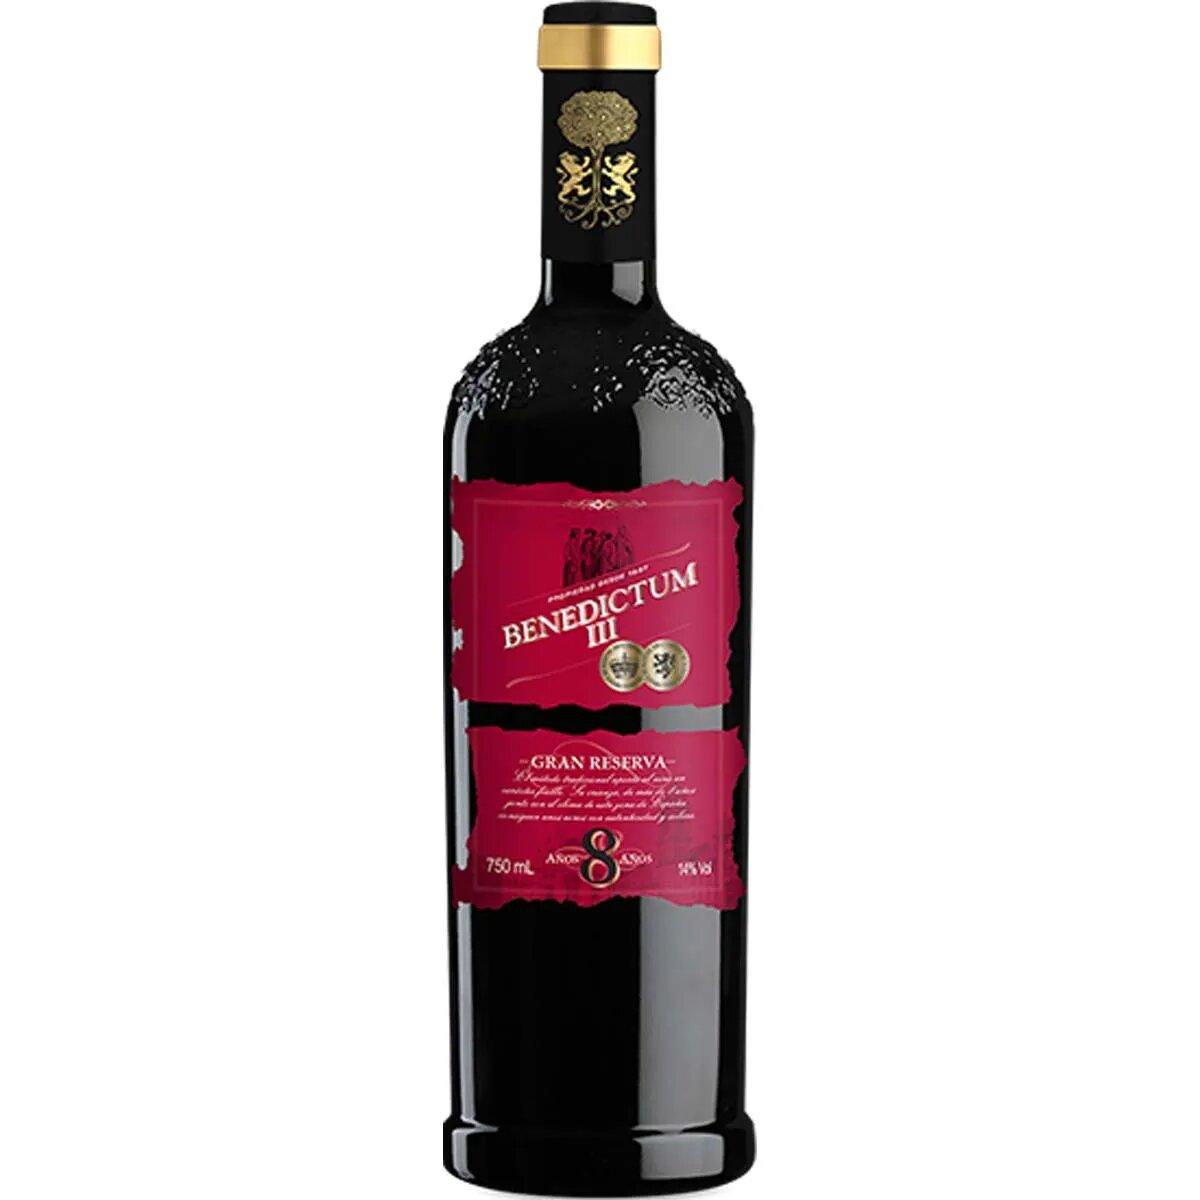 Vinho Tinto Espanhol Benedictum lll Gran Reserva 8 Anos 2010 750ml